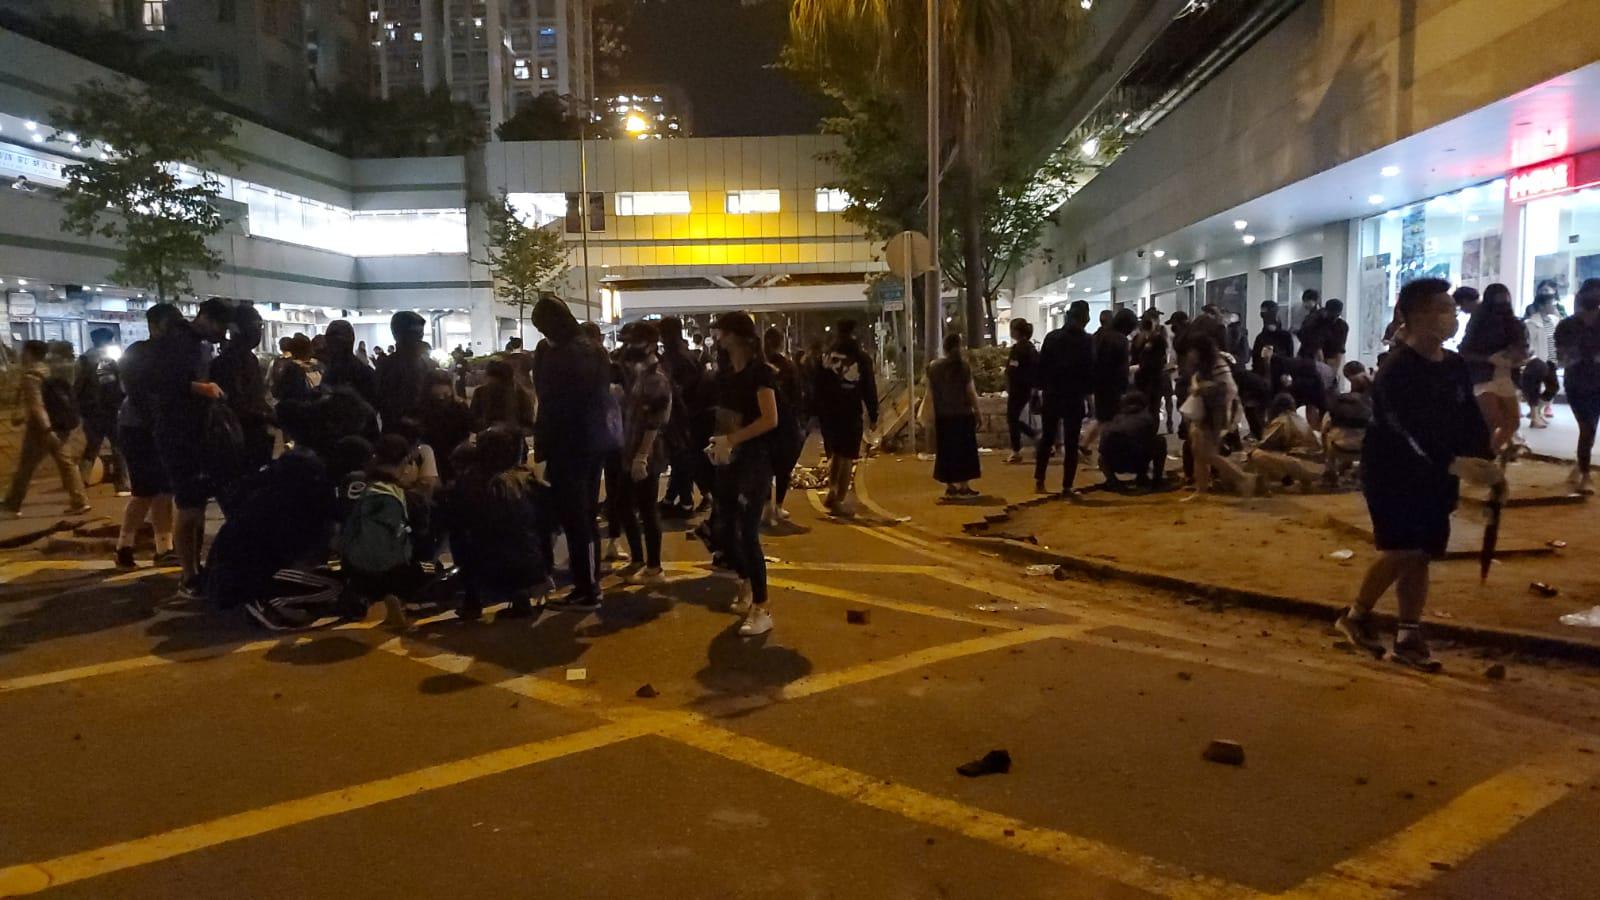 【大三罷】大埔示威者燒貨車掟汽油彈 防暴警再射催淚彈